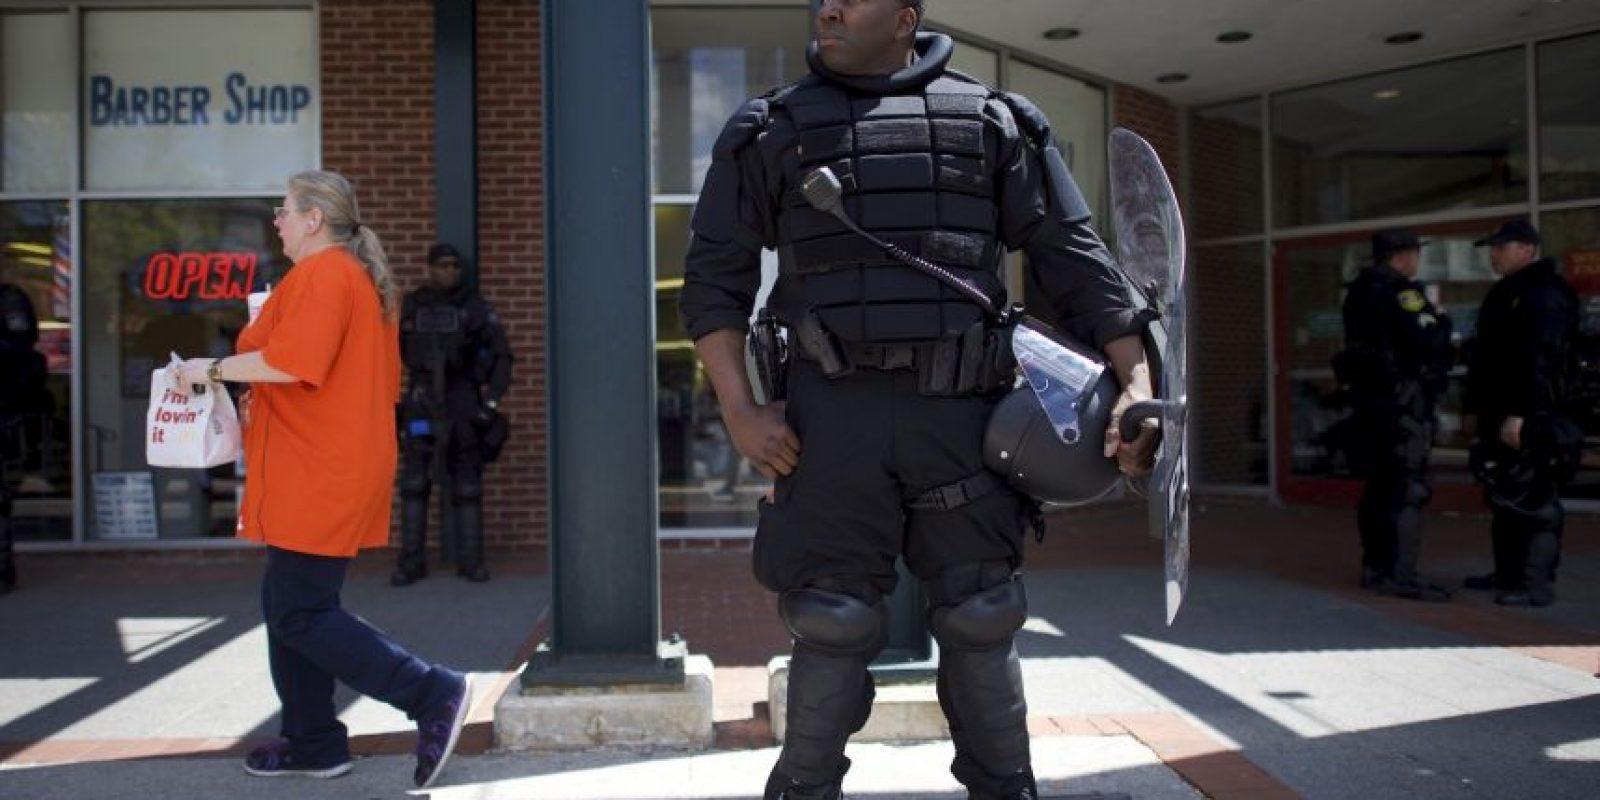 Agentes de la policía siguen presentes en las calles de la ciudad Foto:Getty Images